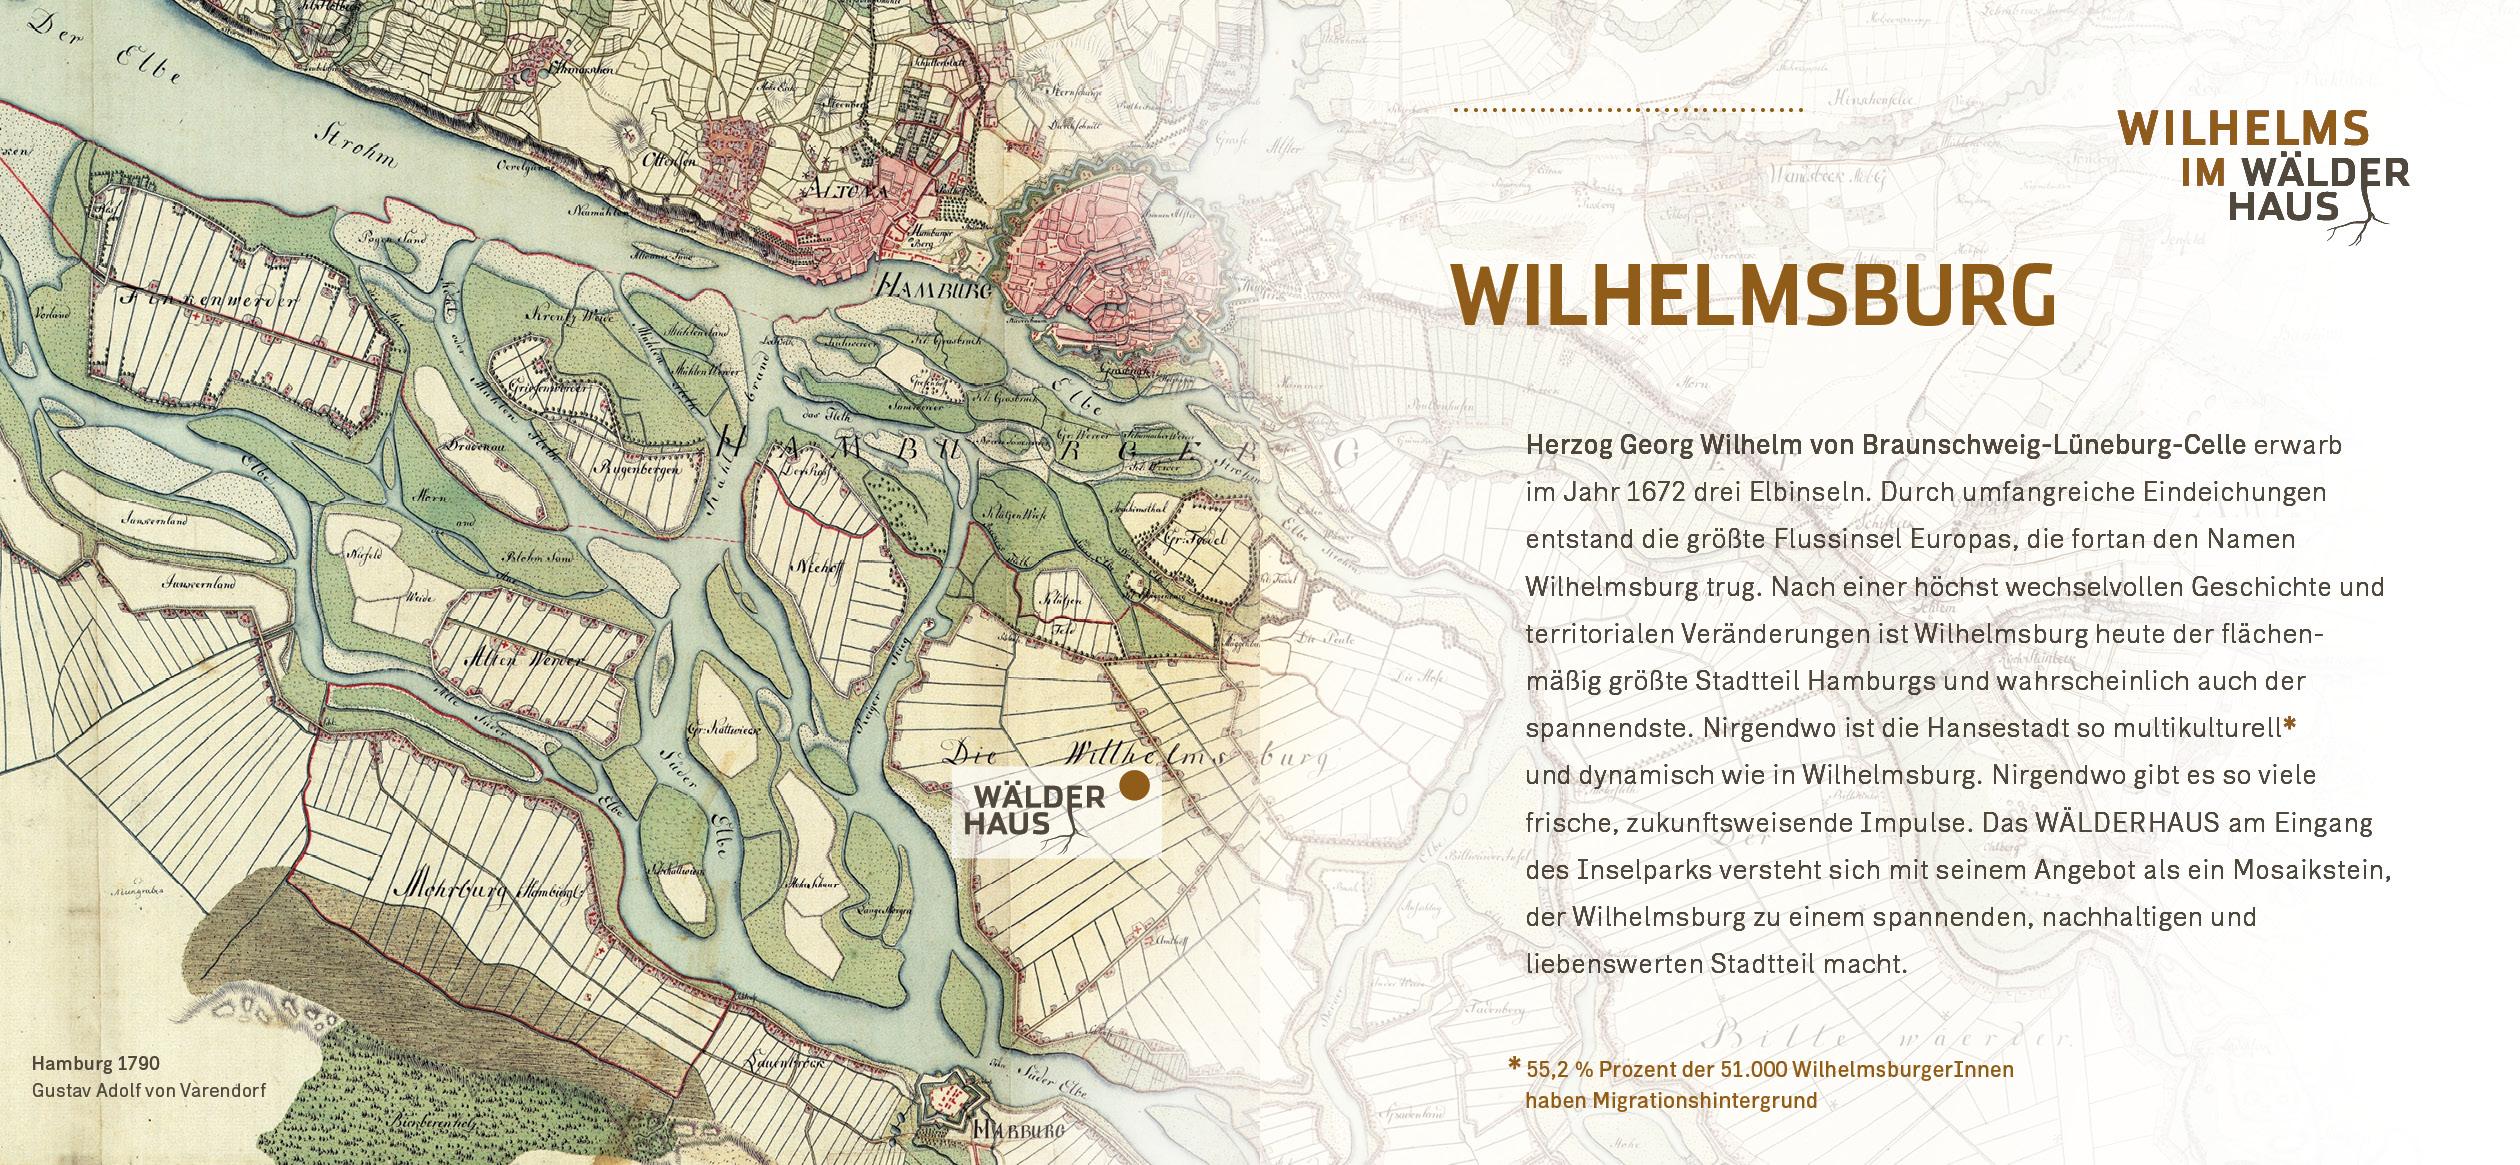 Historisches zu Wilhelmsburg